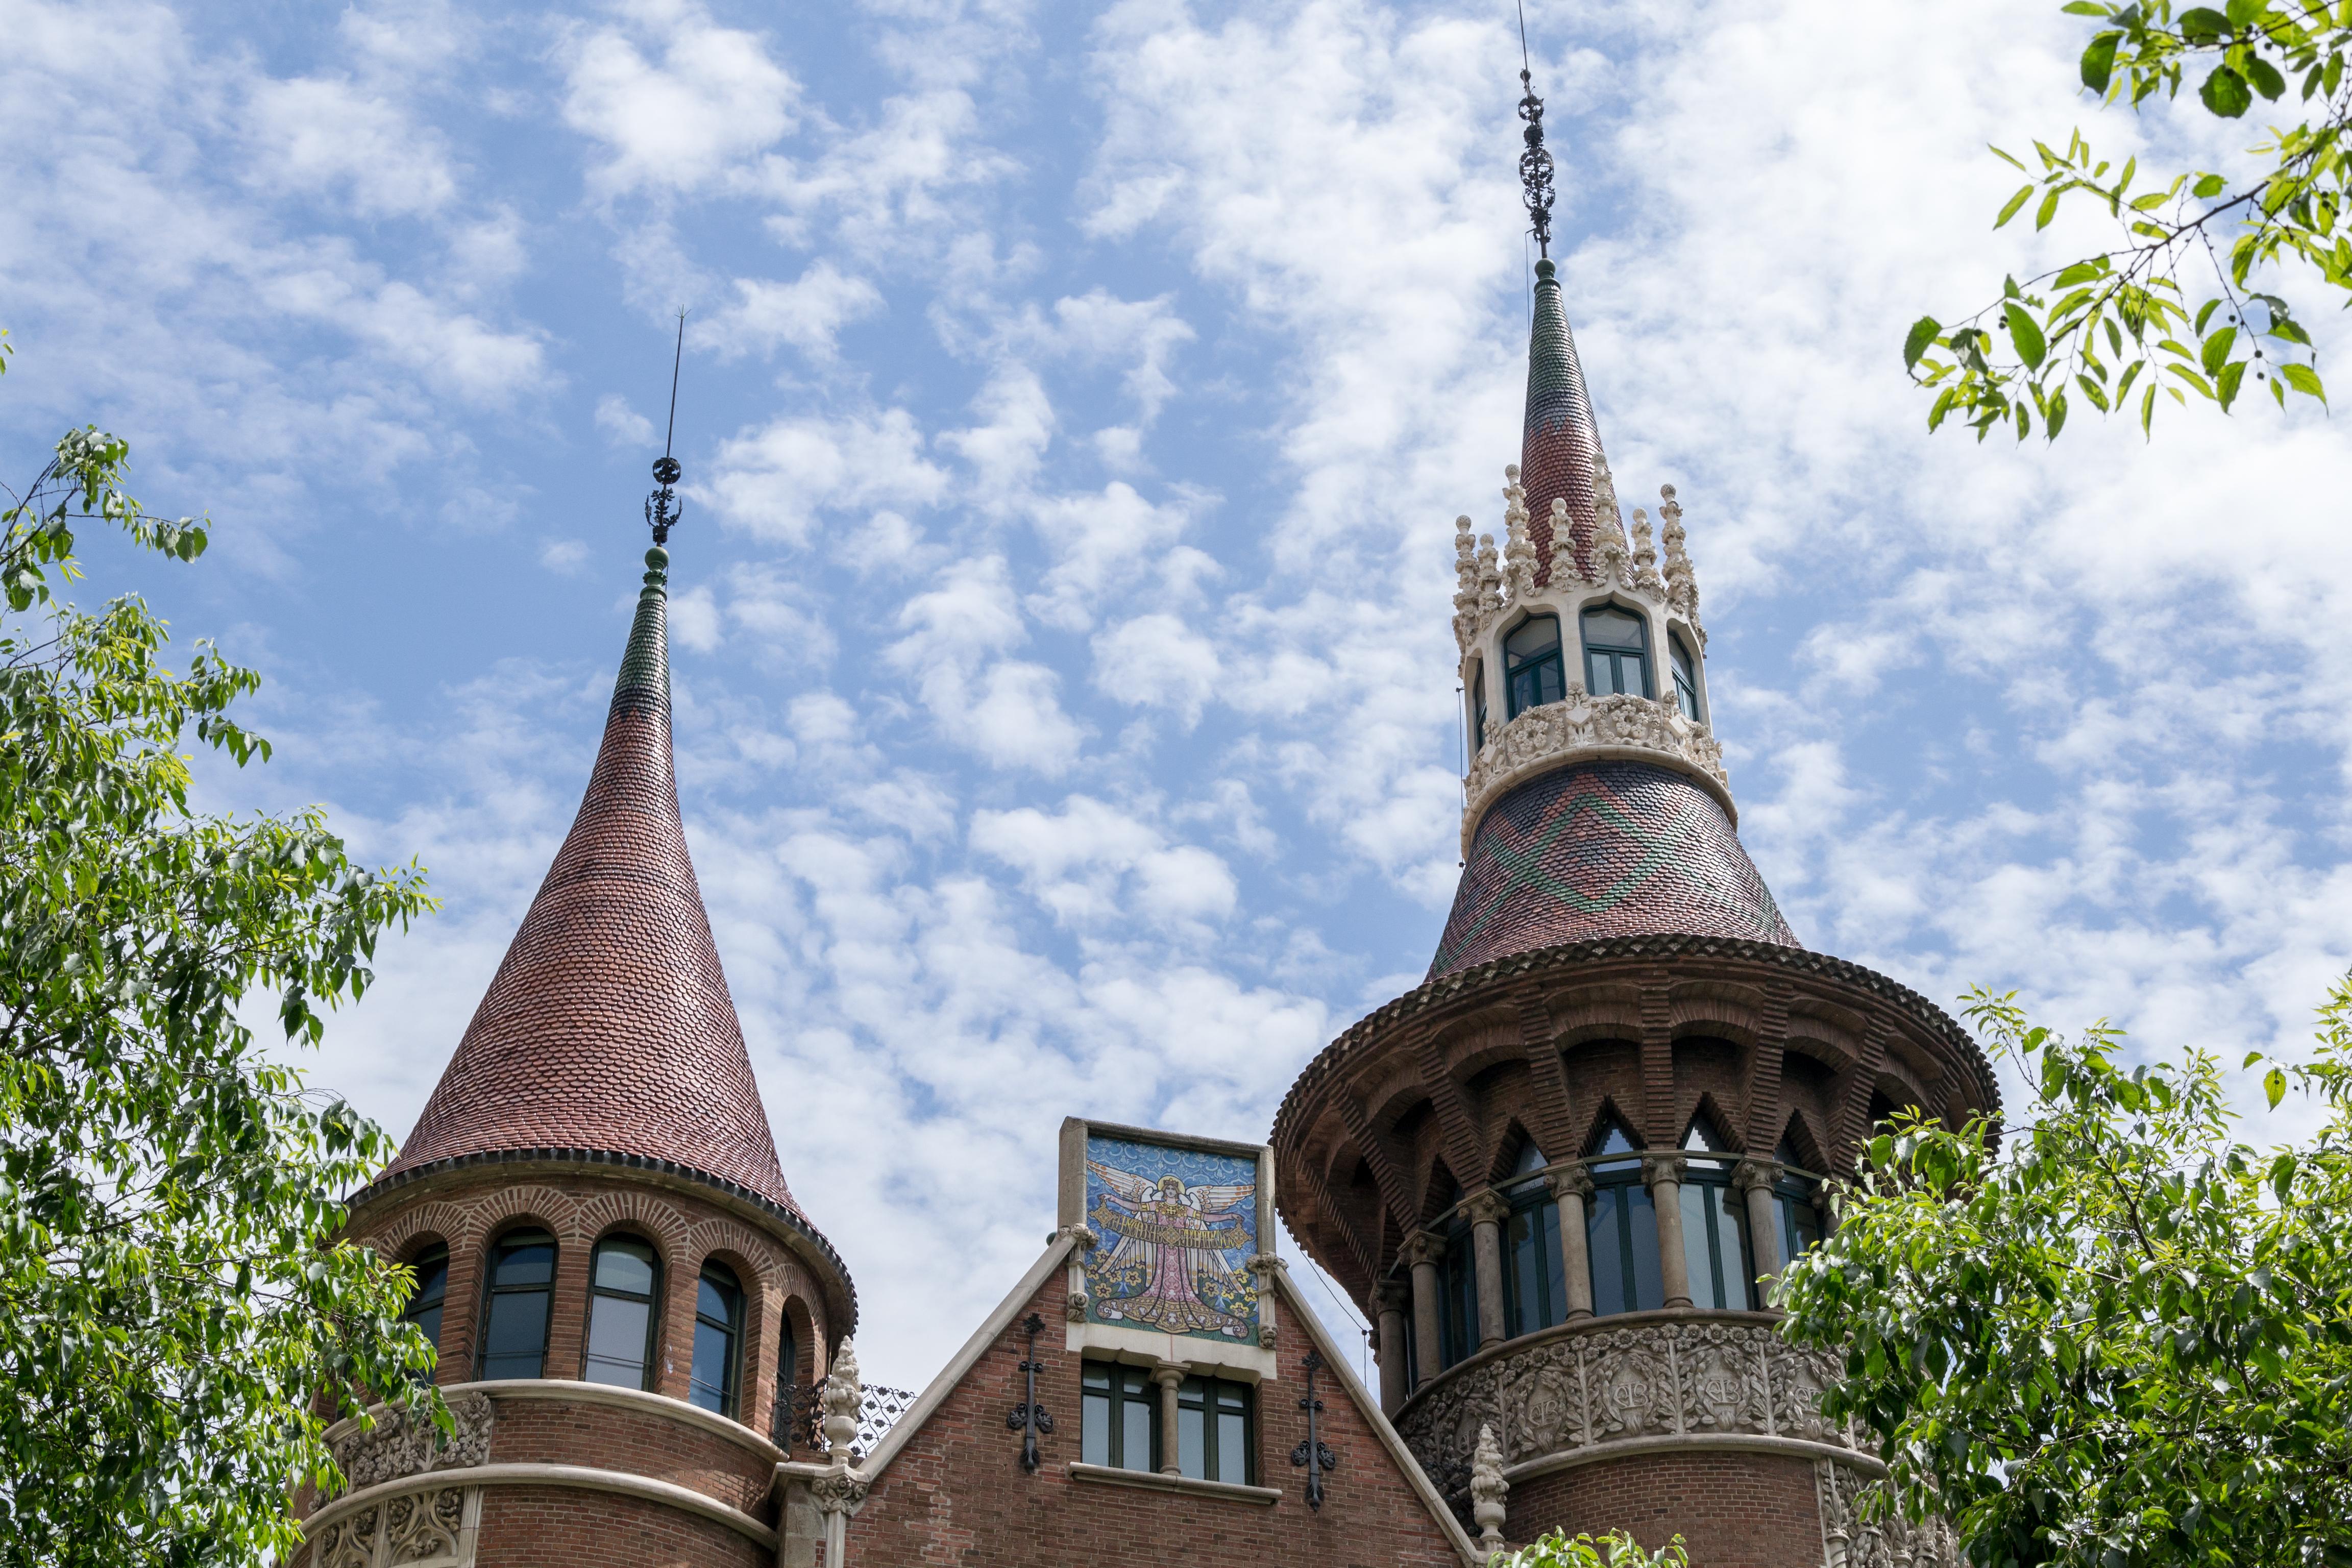 Casa de les Punxes, Barcelona, Spain